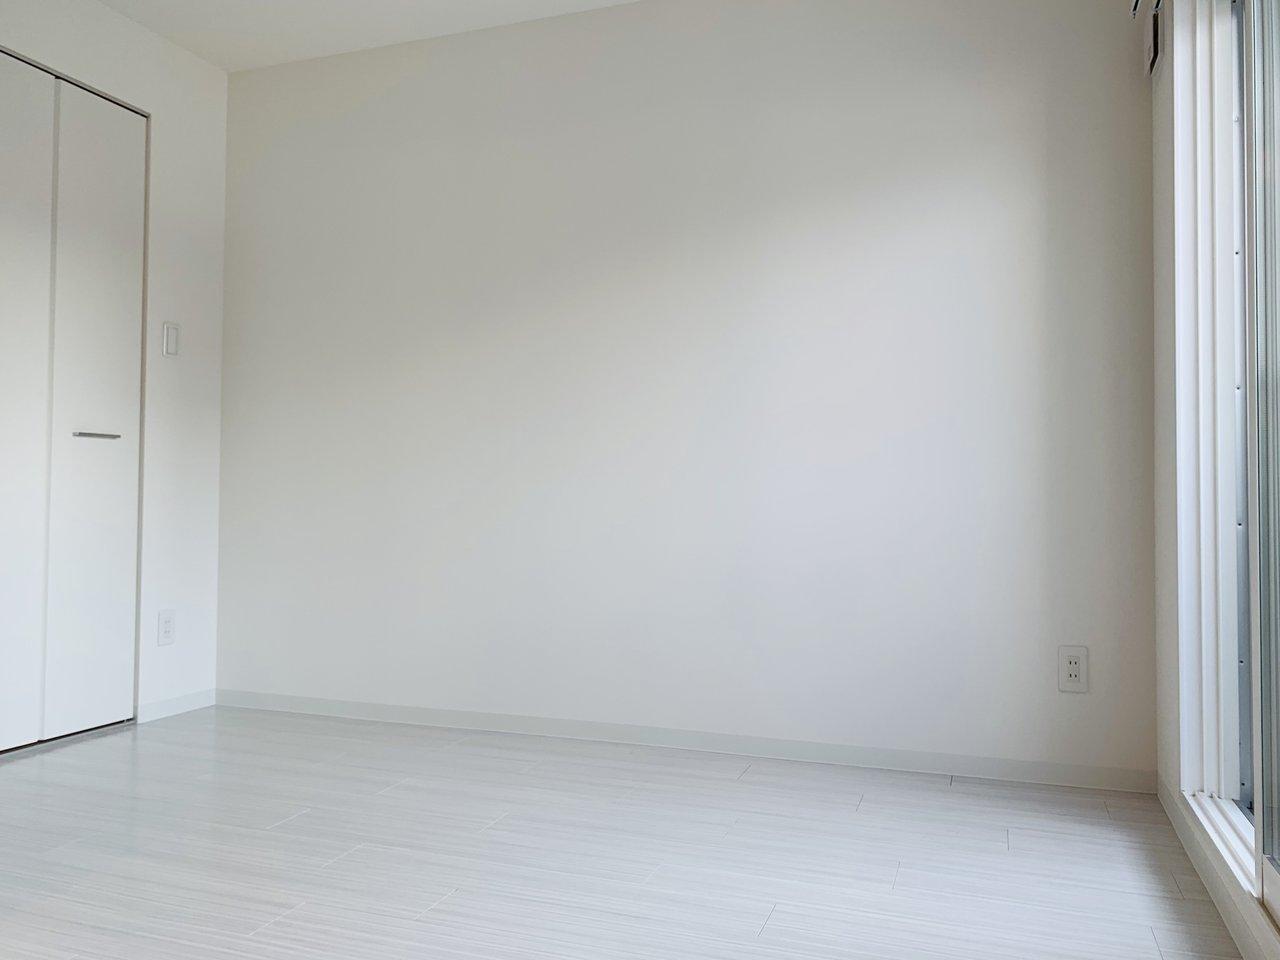 洋室は4畳と少しコンパクトですが、その分大き目のウォークインクローゼットがあります。使わない荷物や洋服はすべてそこへ収納して、この部屋はベッドを置くだけにして生活しましょう。